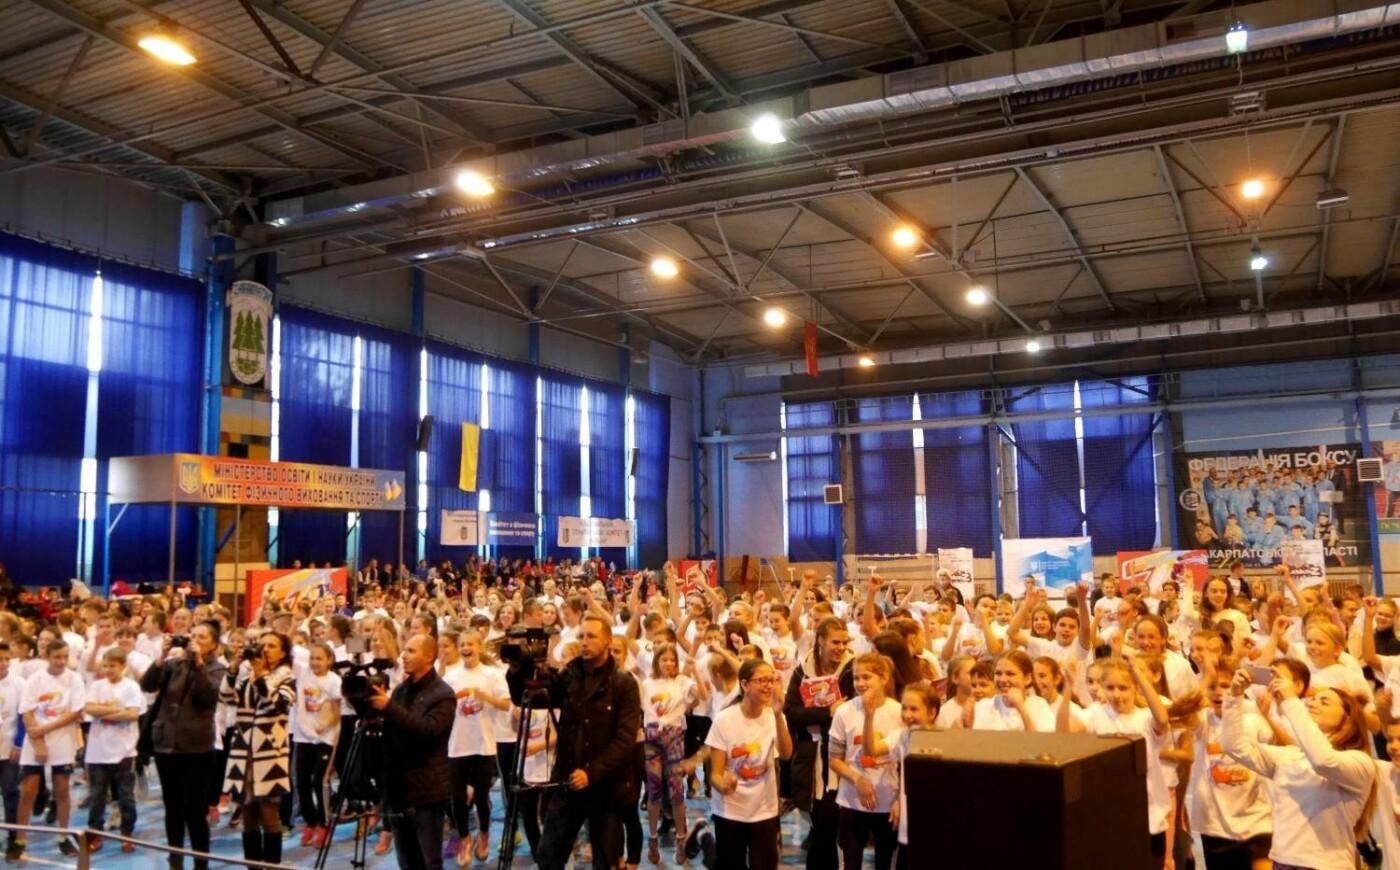 11 навчальних закладів Ужгорода змінили уроки фізкультури завдяки новим видам спорту (ФОТО, ВІДЕО), фото-12